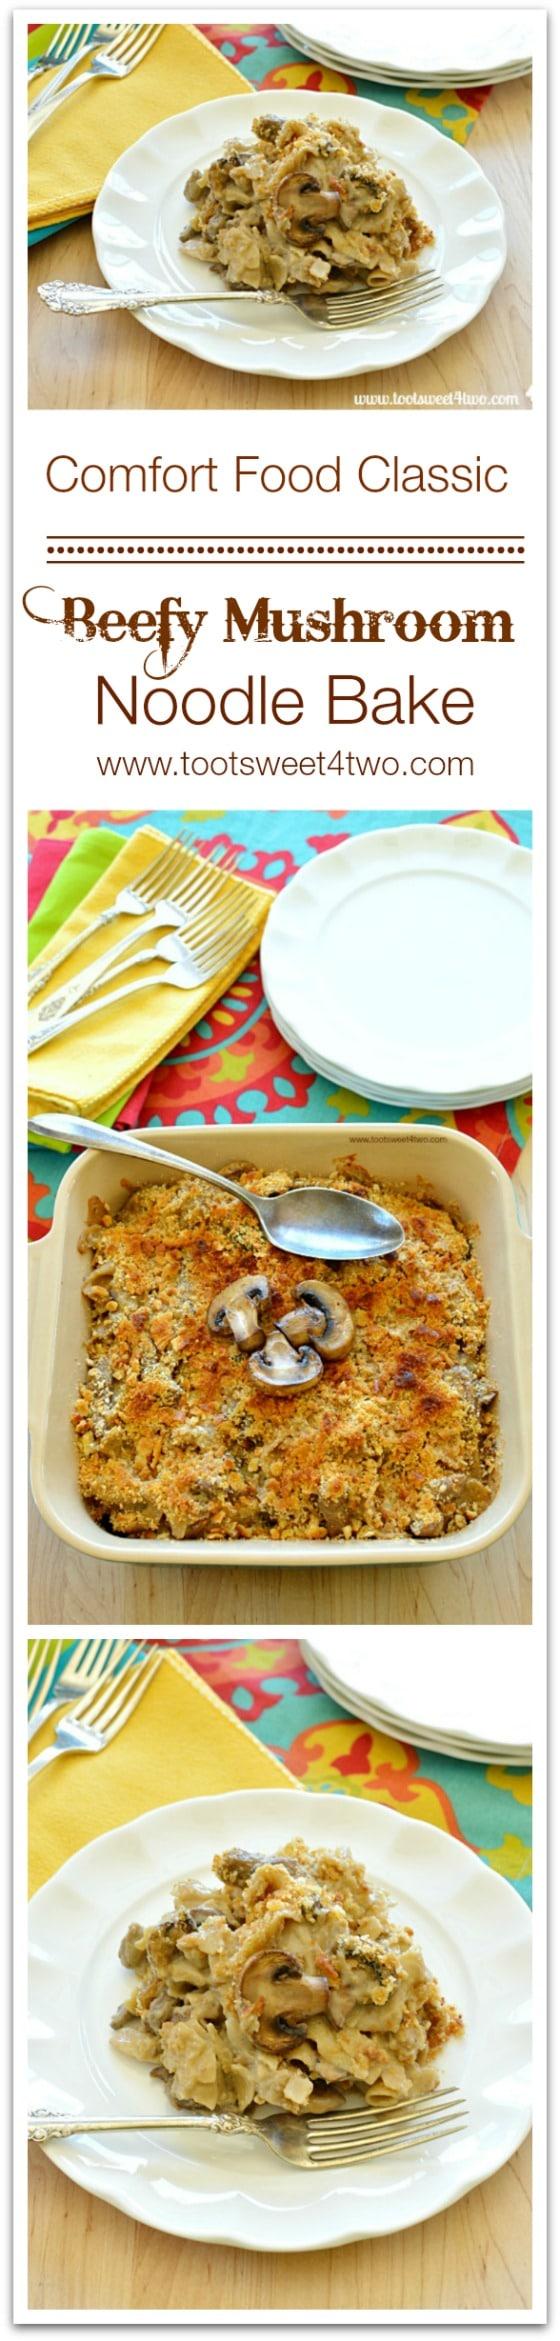 Beefy Mushroom Noodle Bake Collage